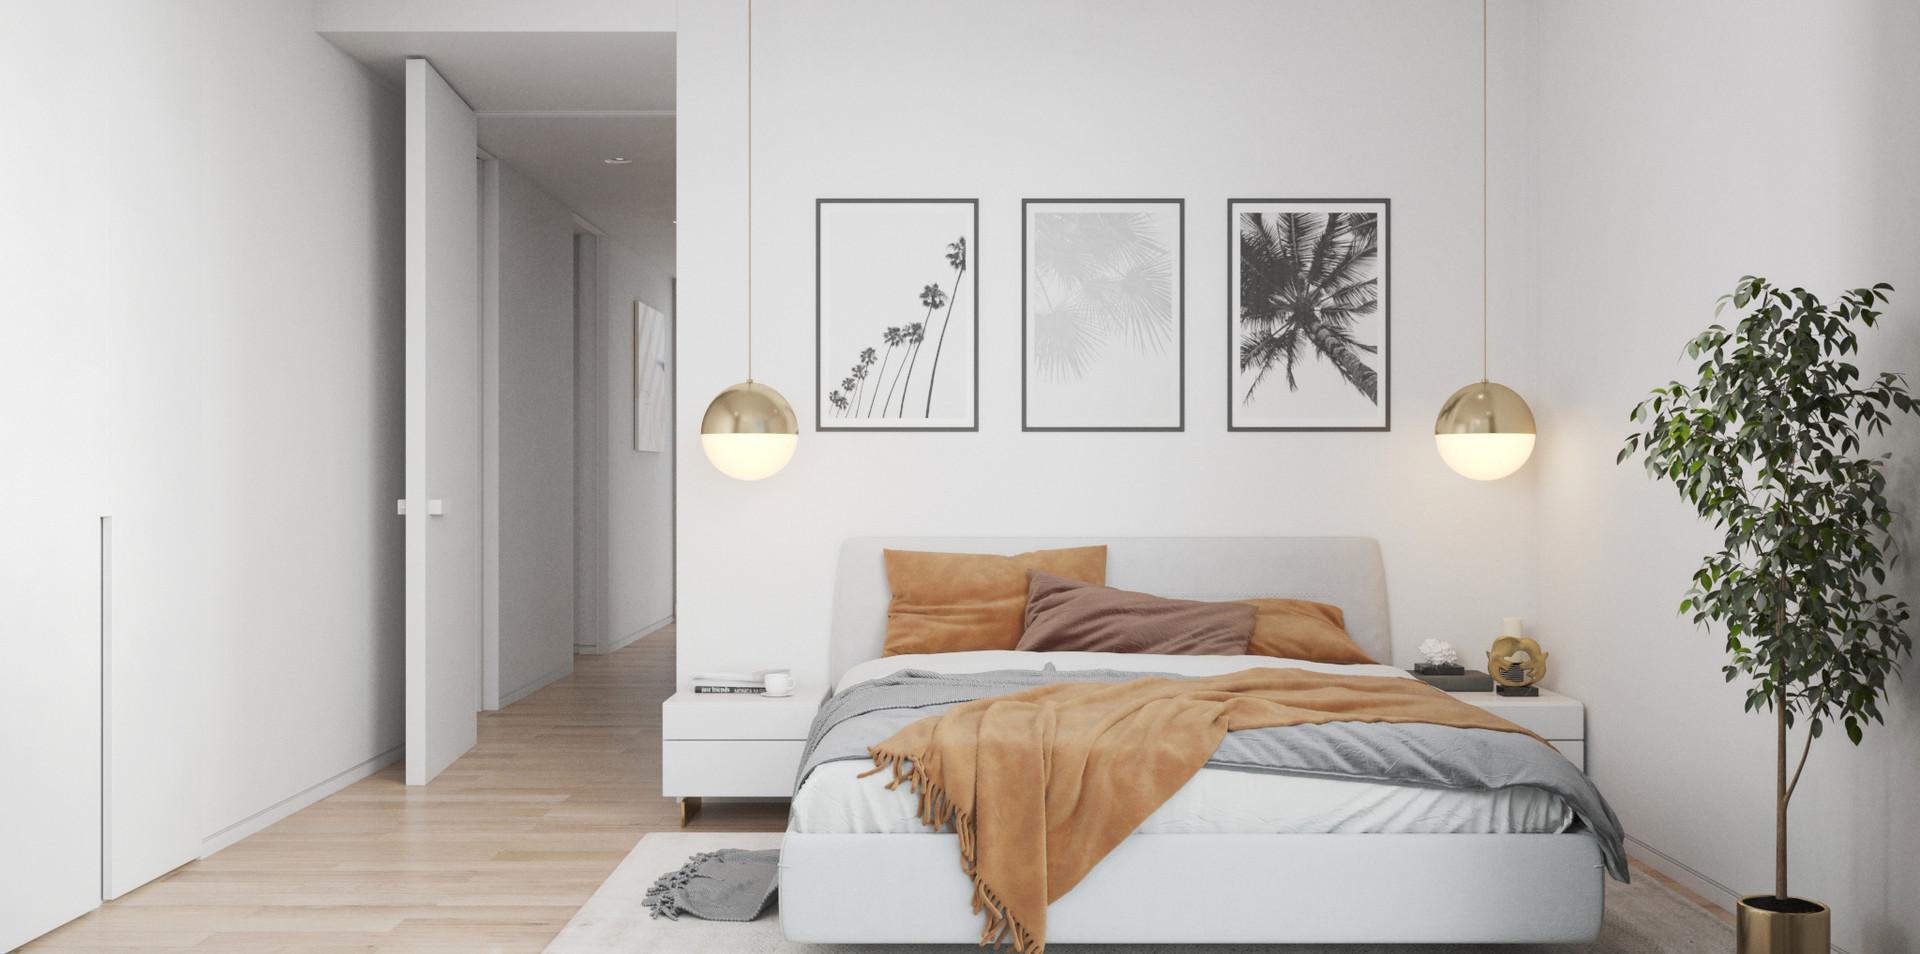 big_110_Villamoura_bedroom 4_03.jpg